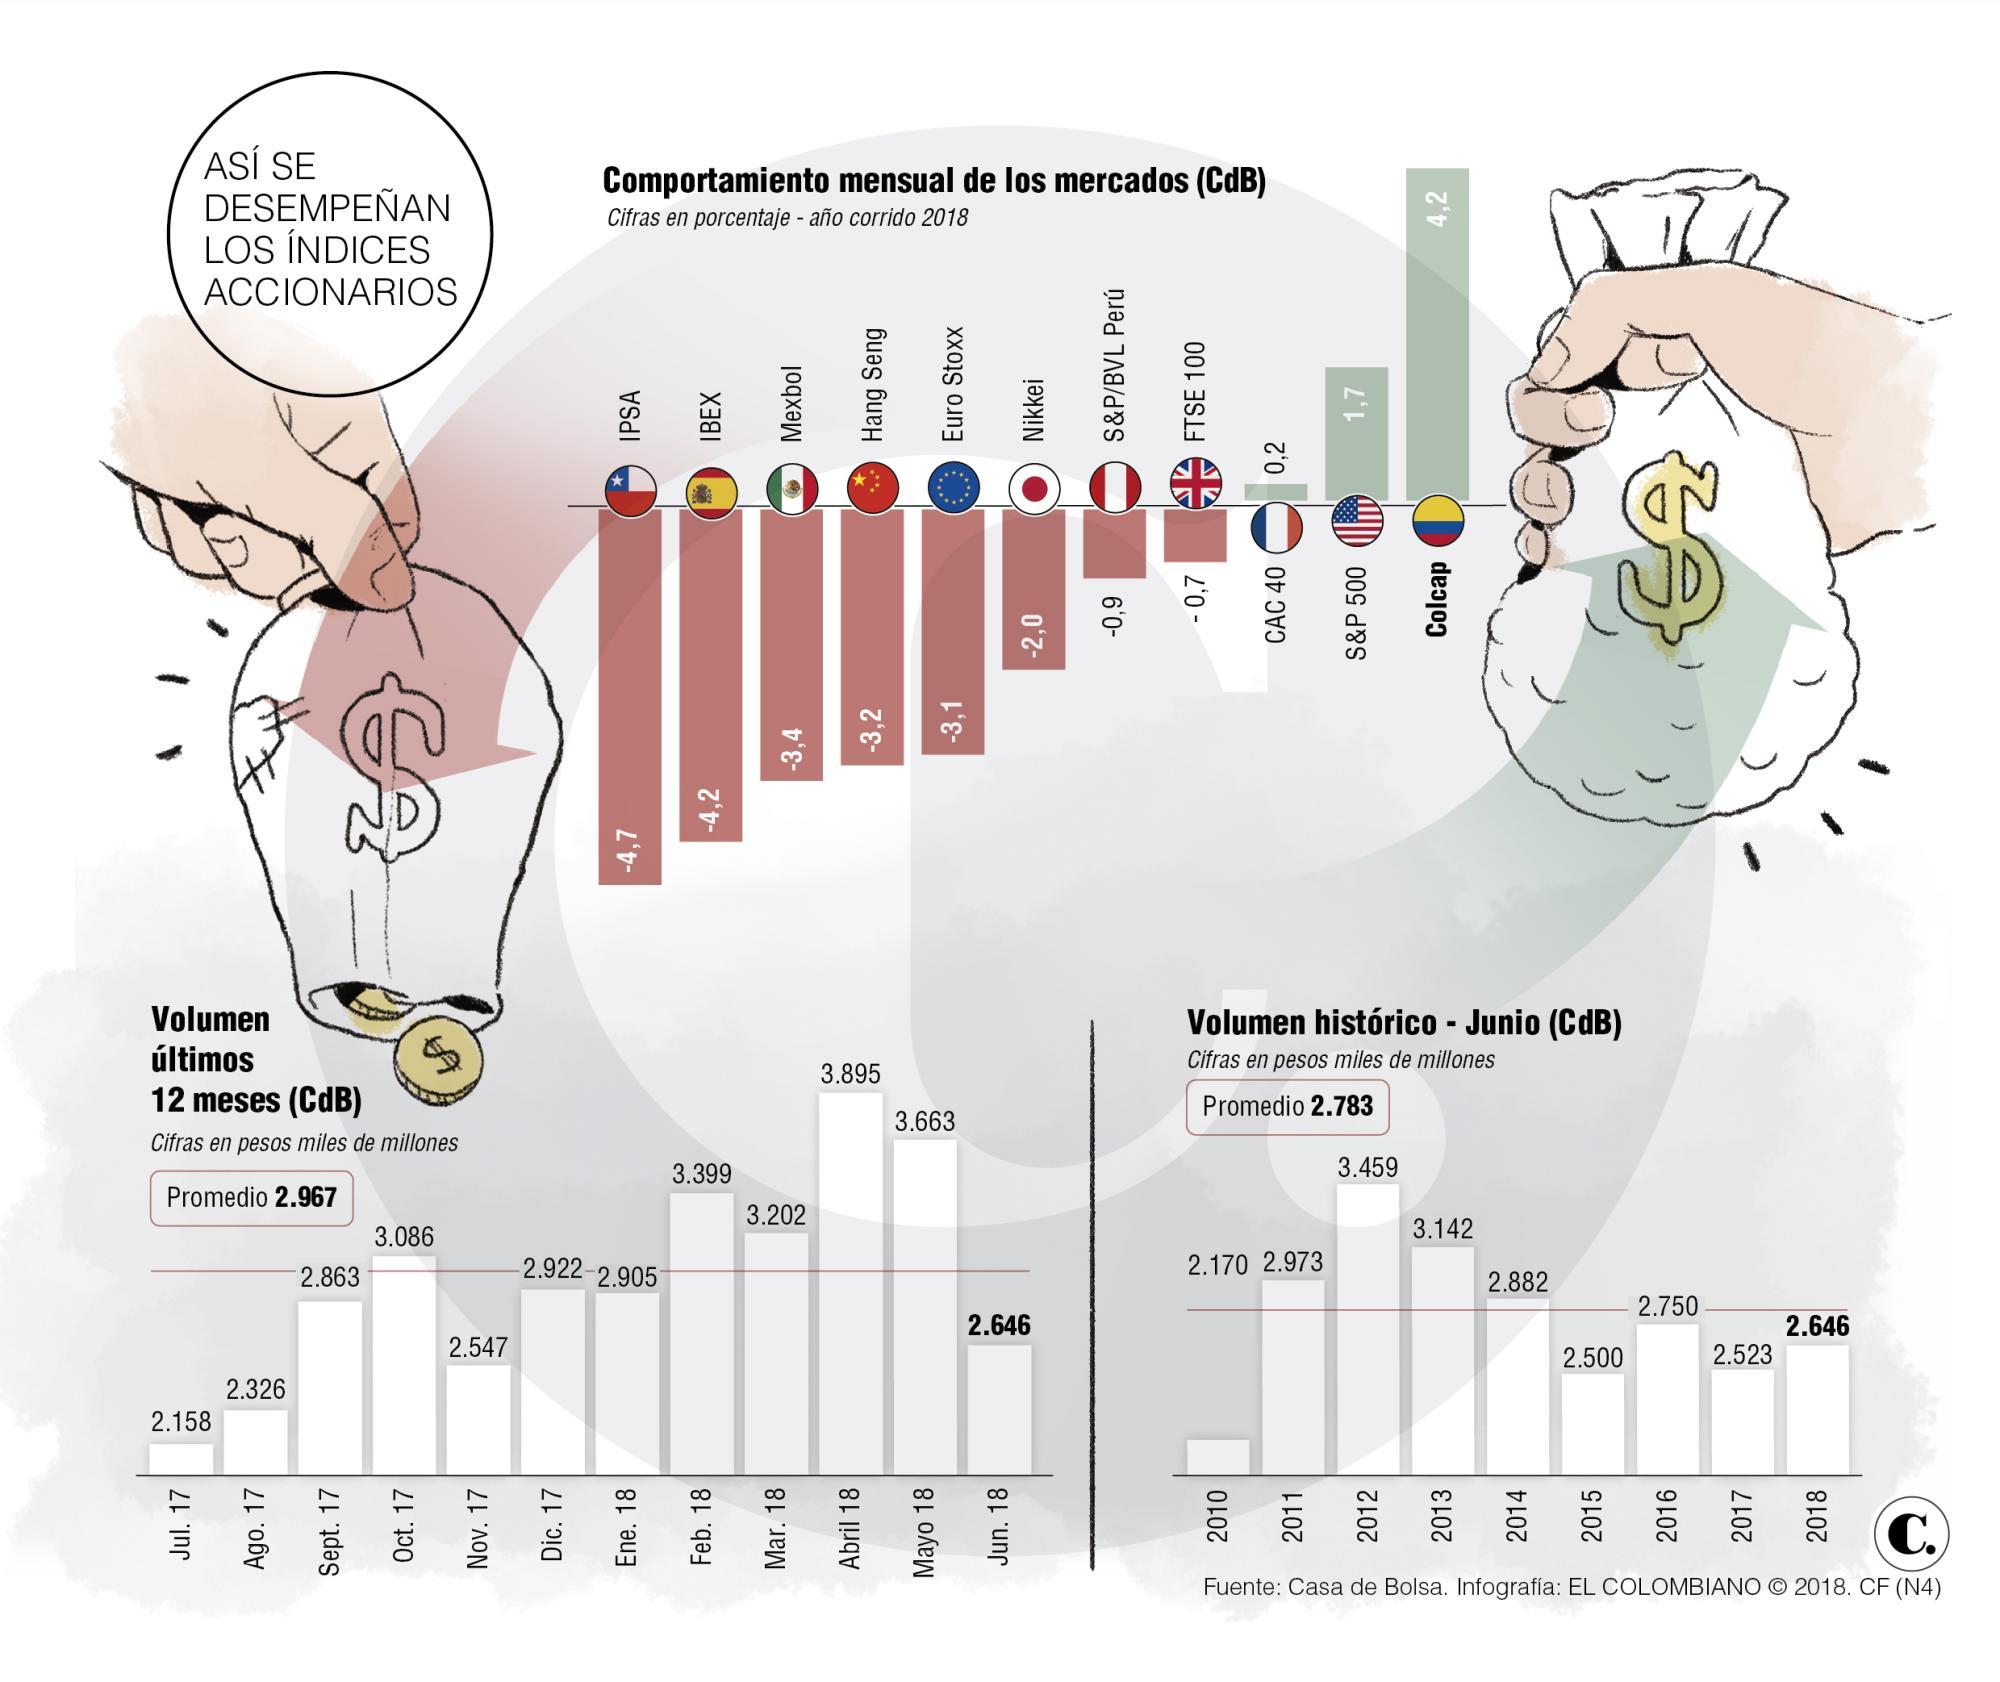 Acciones: mercado rentable en Colombia